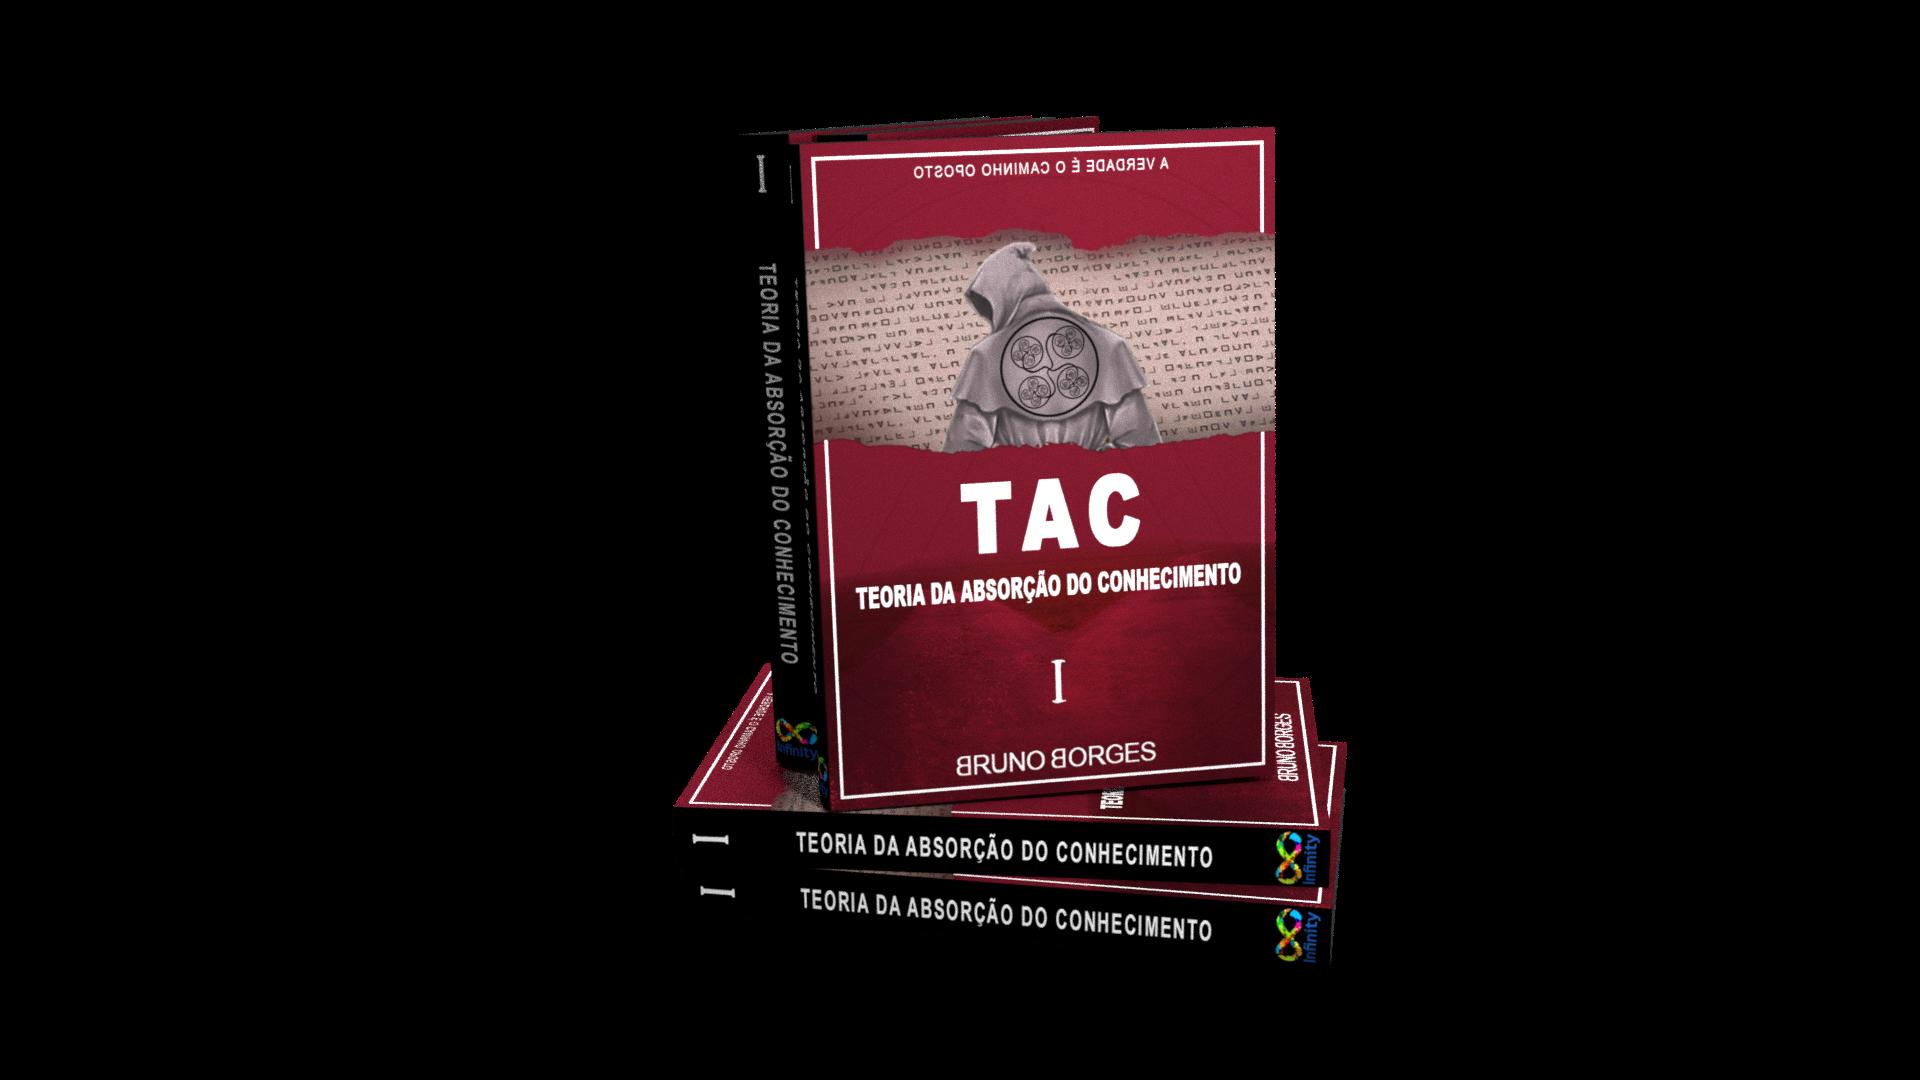 TAC: primeiro livro de Bruno Borges será publicado neste mês (Foto: Divulgação )